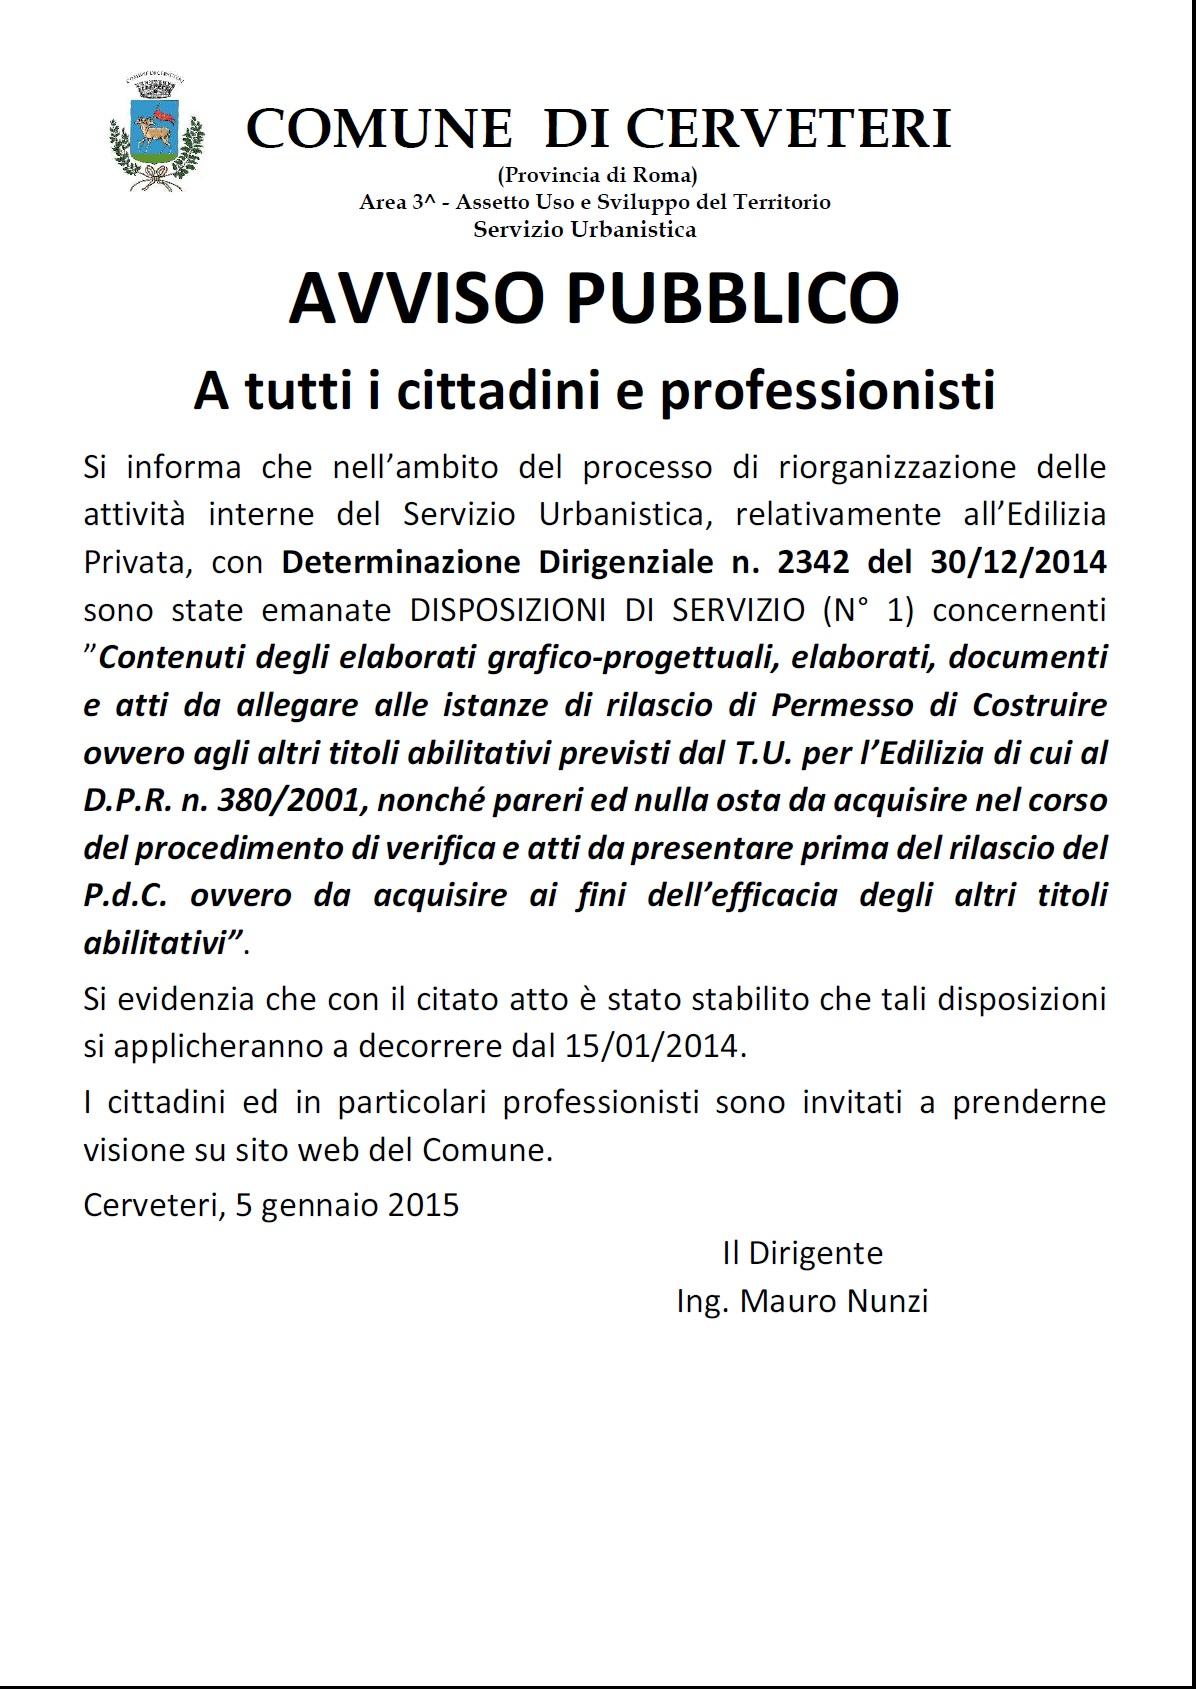 Servizio Urbanistica - AVVISO emanazione disposizioni di Servizio